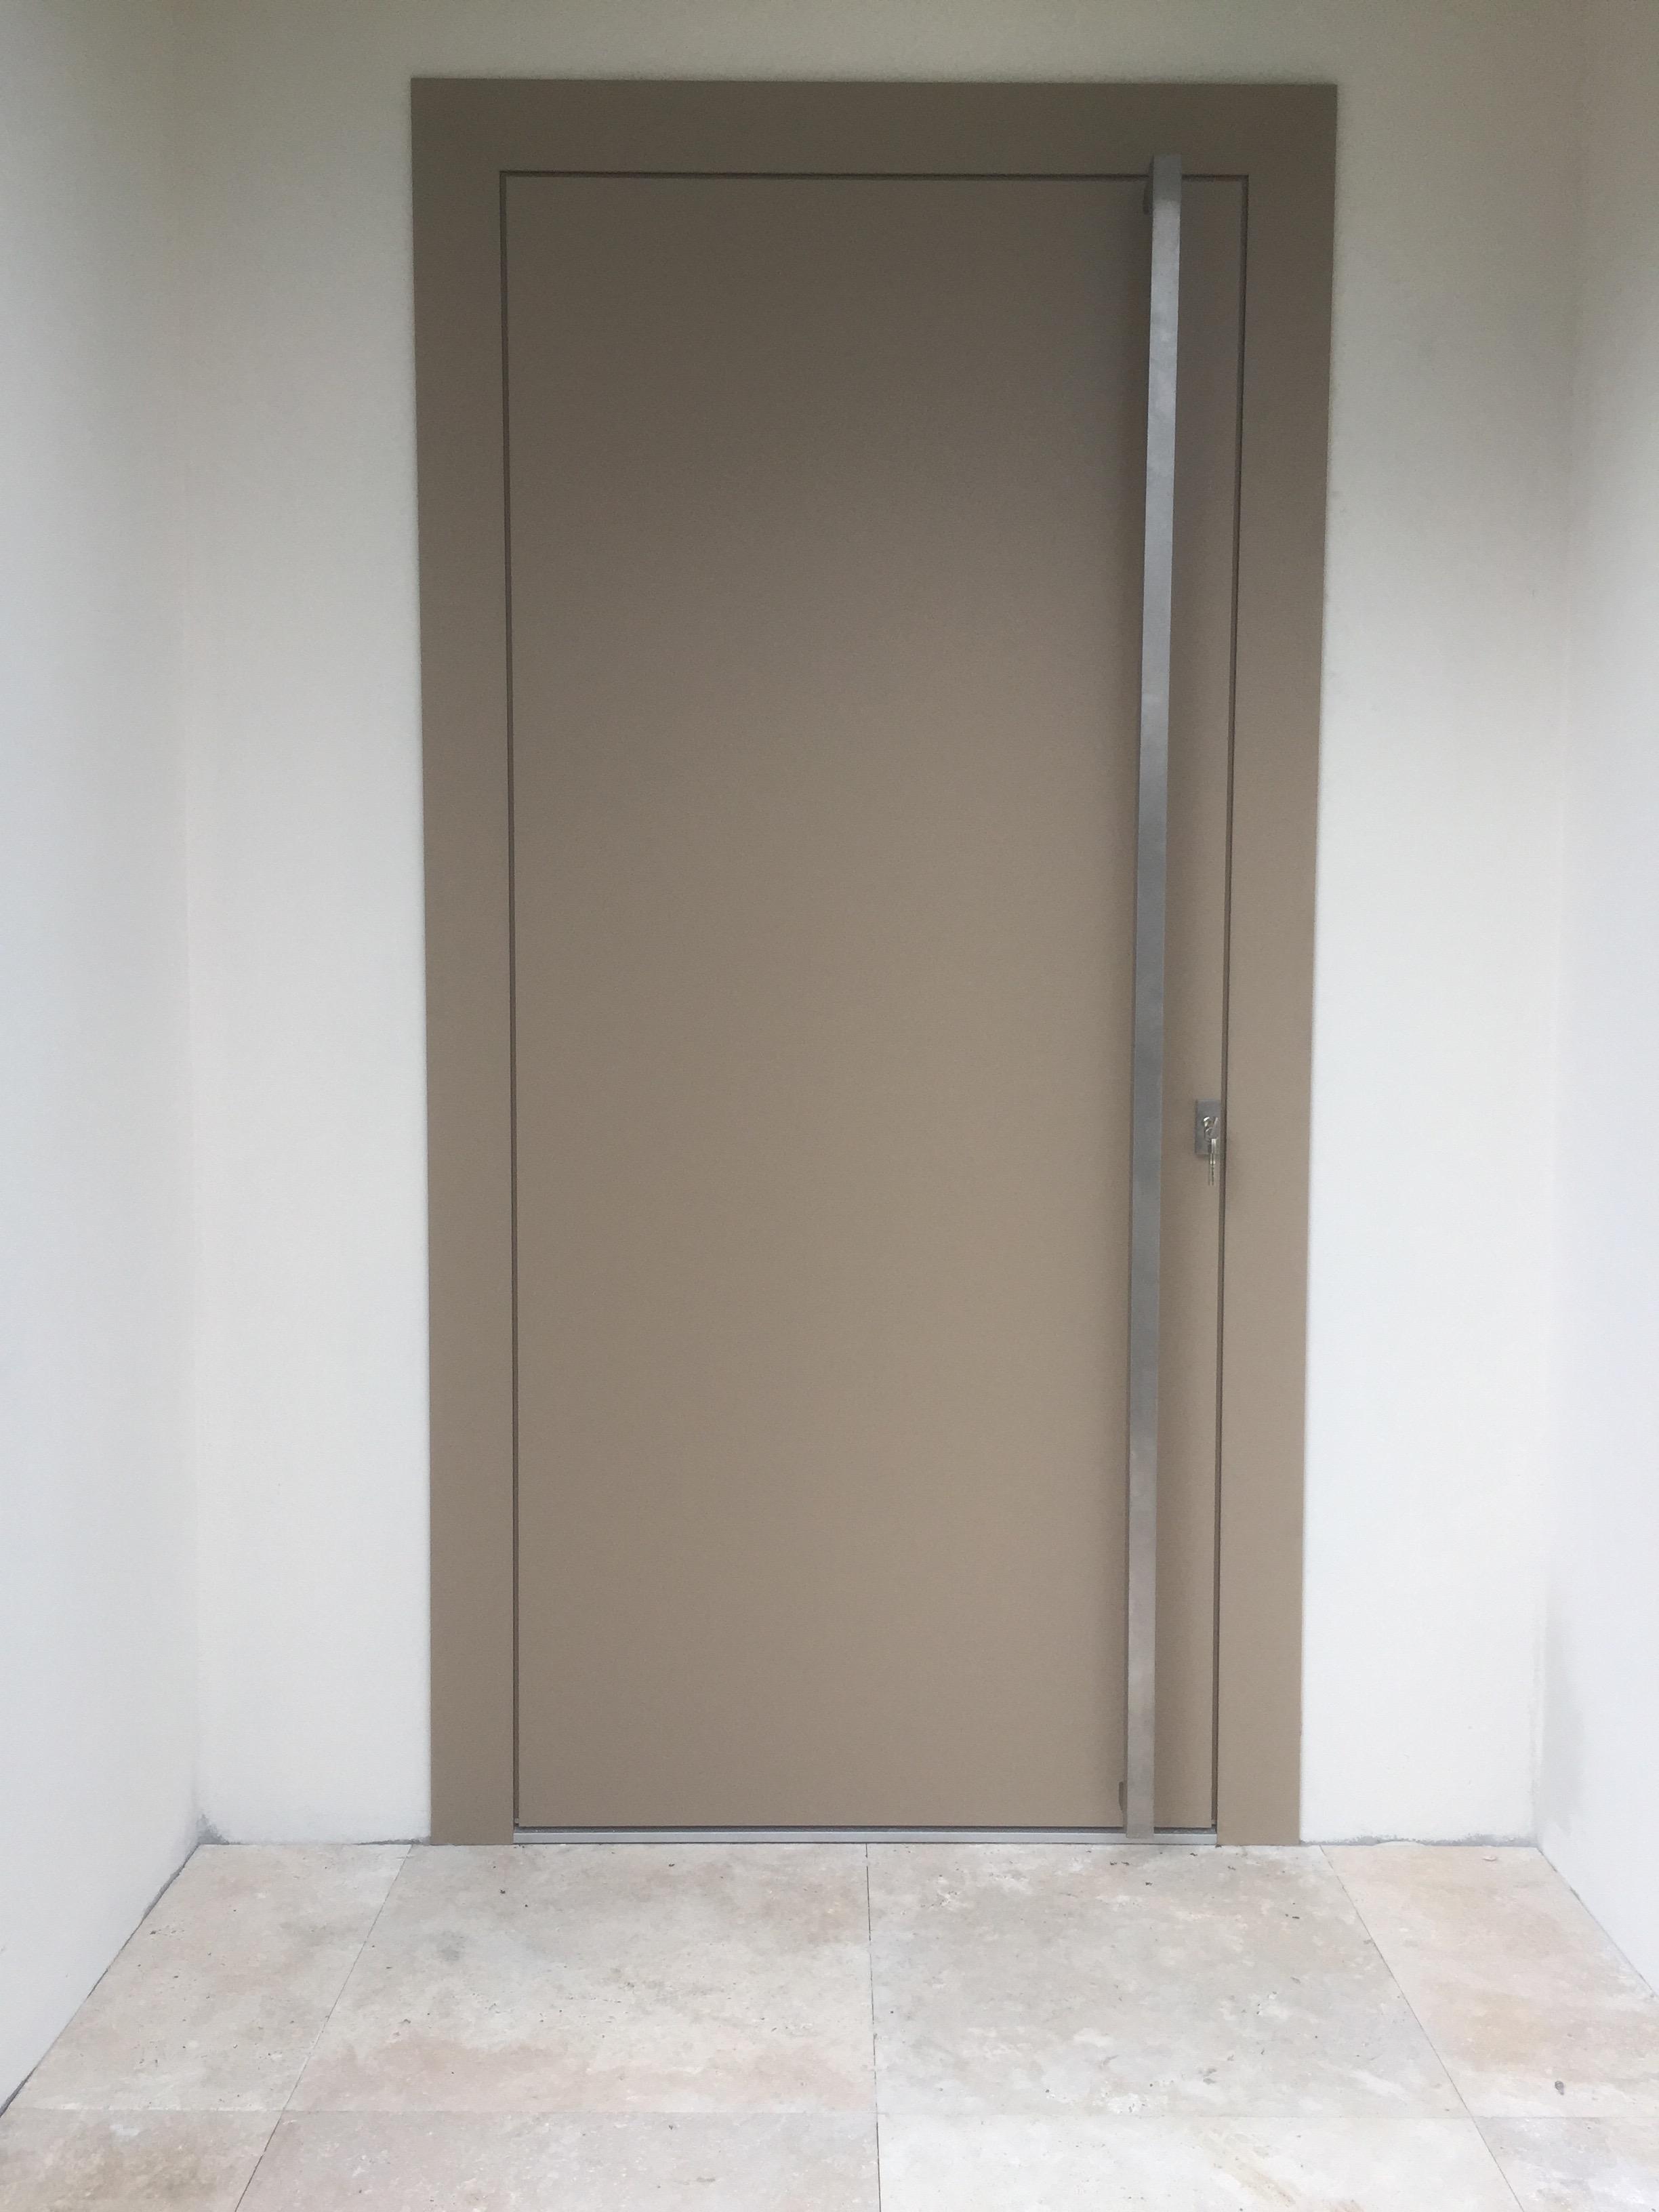 pose porte d 39 entr e aluminium cannes belimed menuiseries exterieures 06. Black Bedroom Furniture Sets. Home Design Ideas